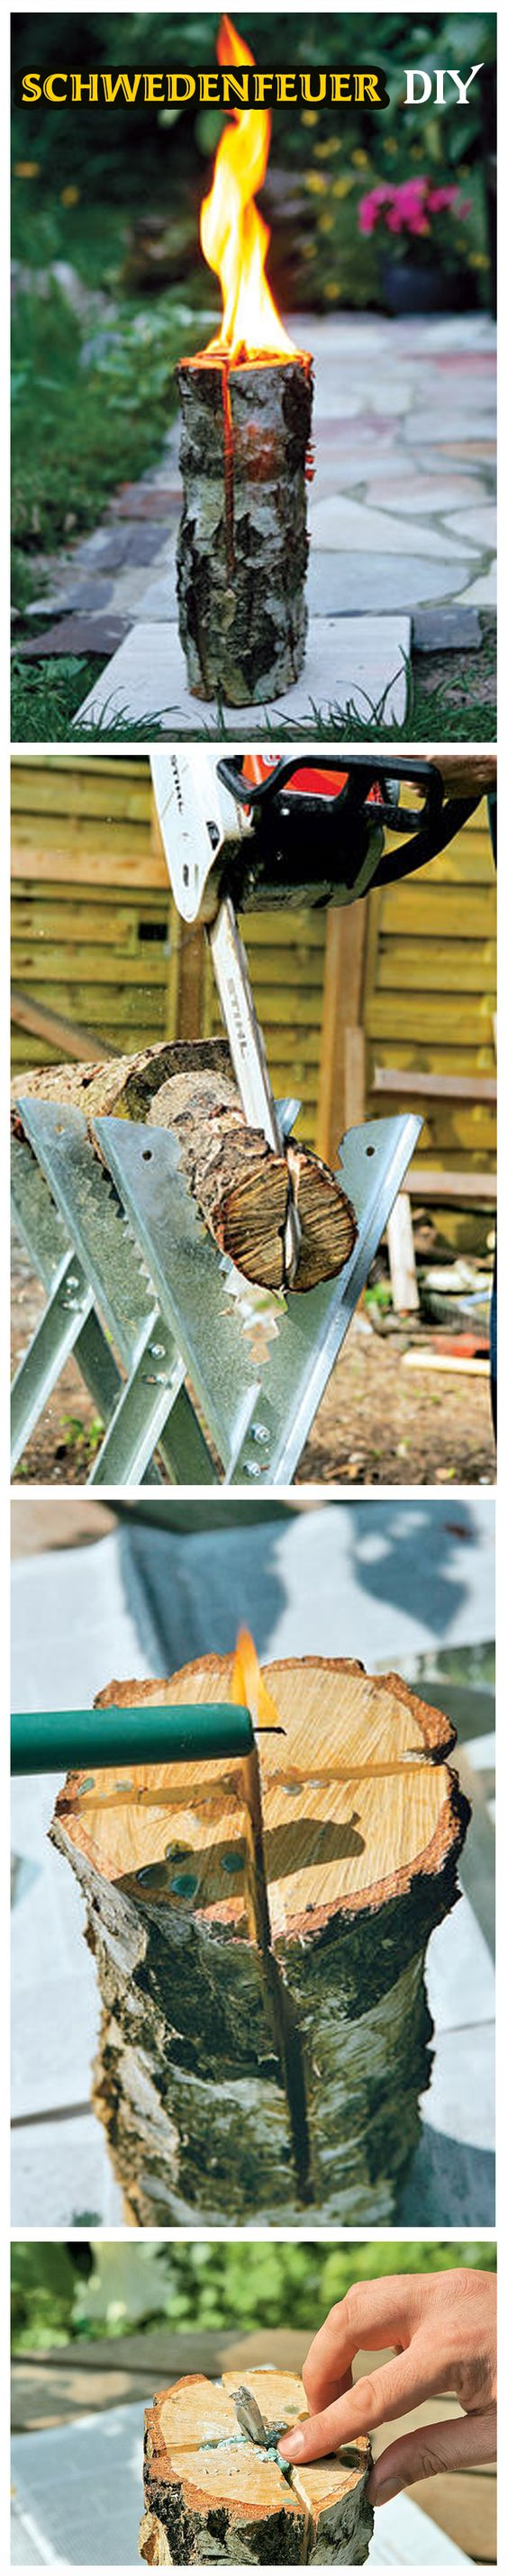 Baumfackeln, auch bekannt als Schwedenfeuer, sind ein gute Alternative zum Lagerfeuer im Garten – und schnell zu machen. Wir zeigen, wie man die Gartenfackel selbst baut.